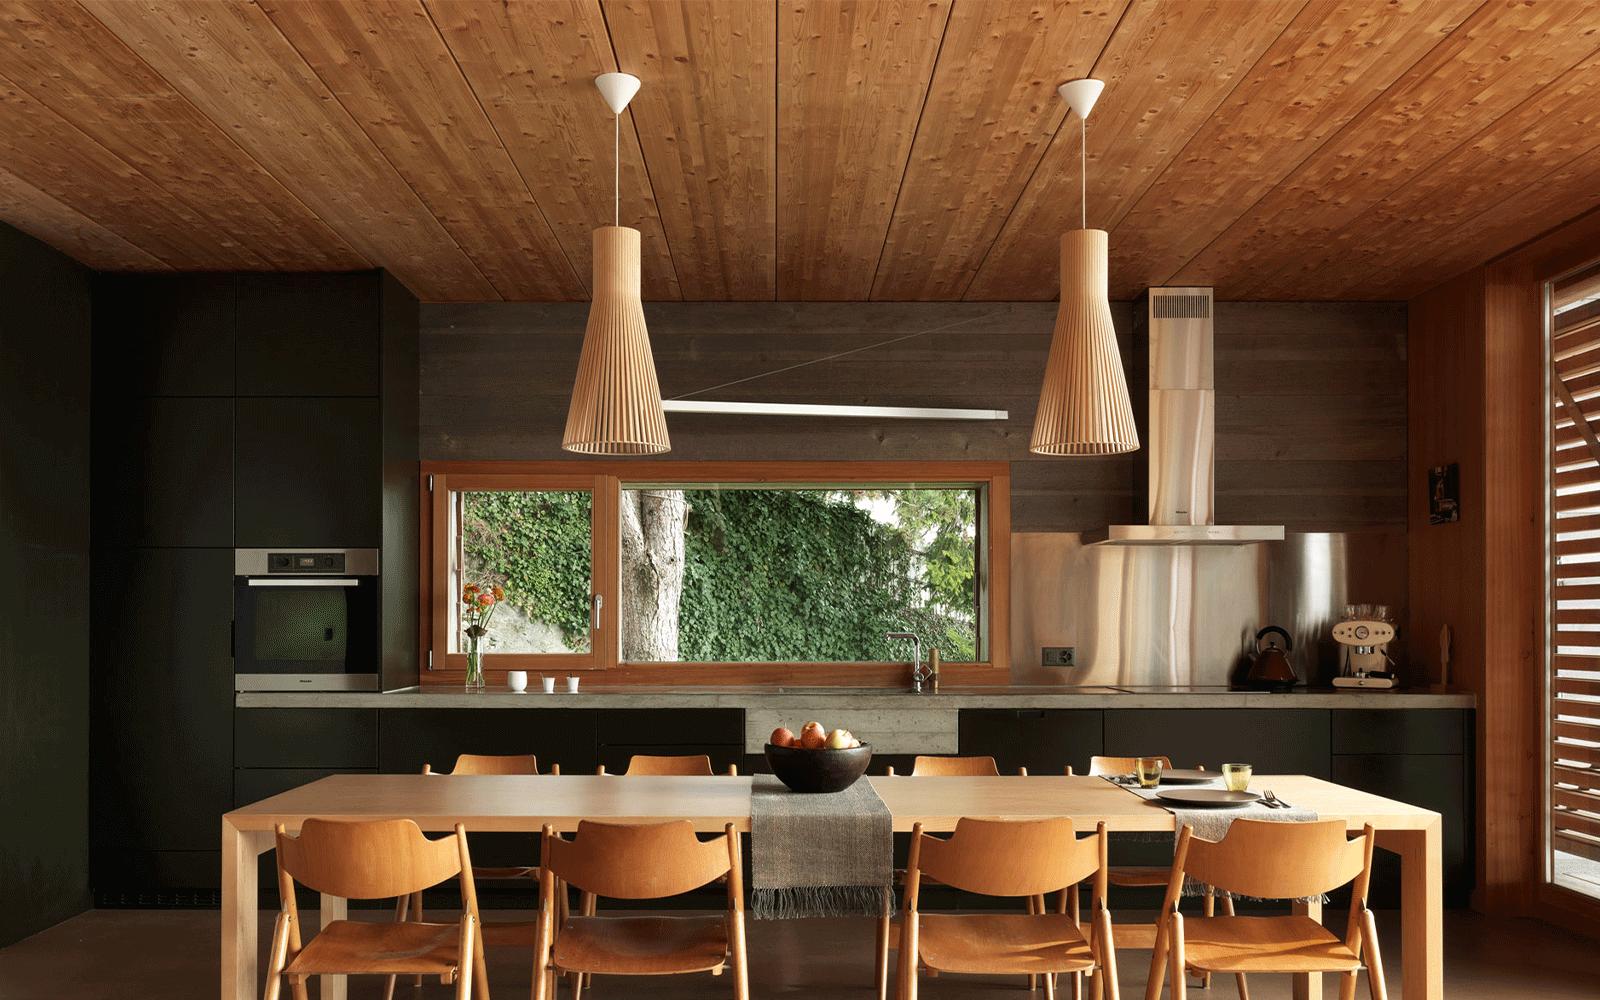 Cuisine et intérieur en bois